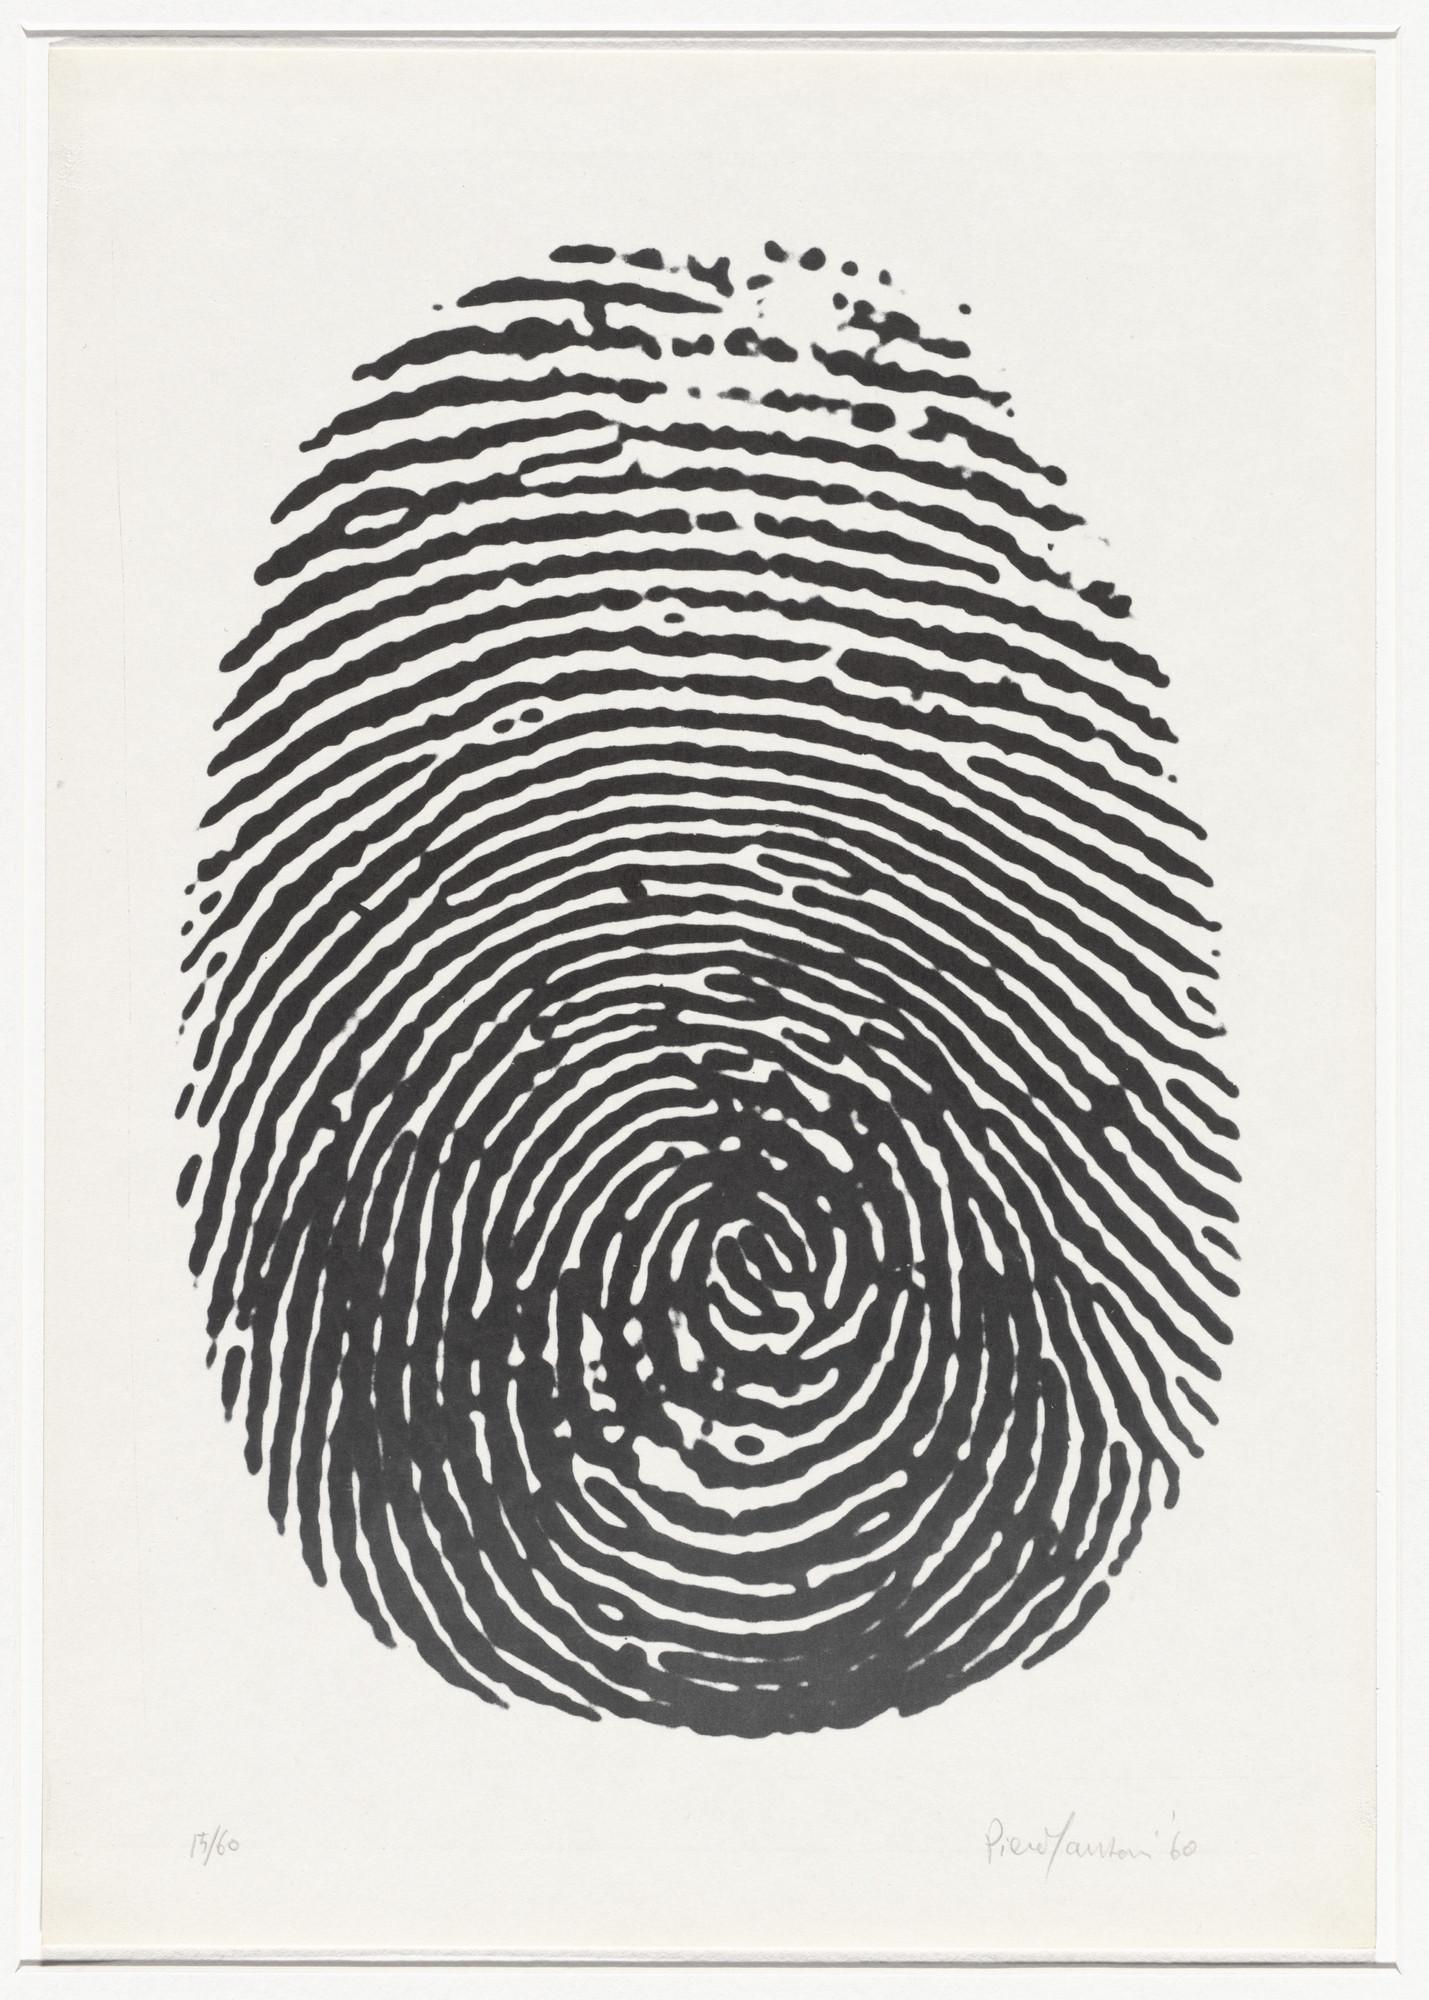 piero manzoni right thumbprint impronta pollice destro from 8